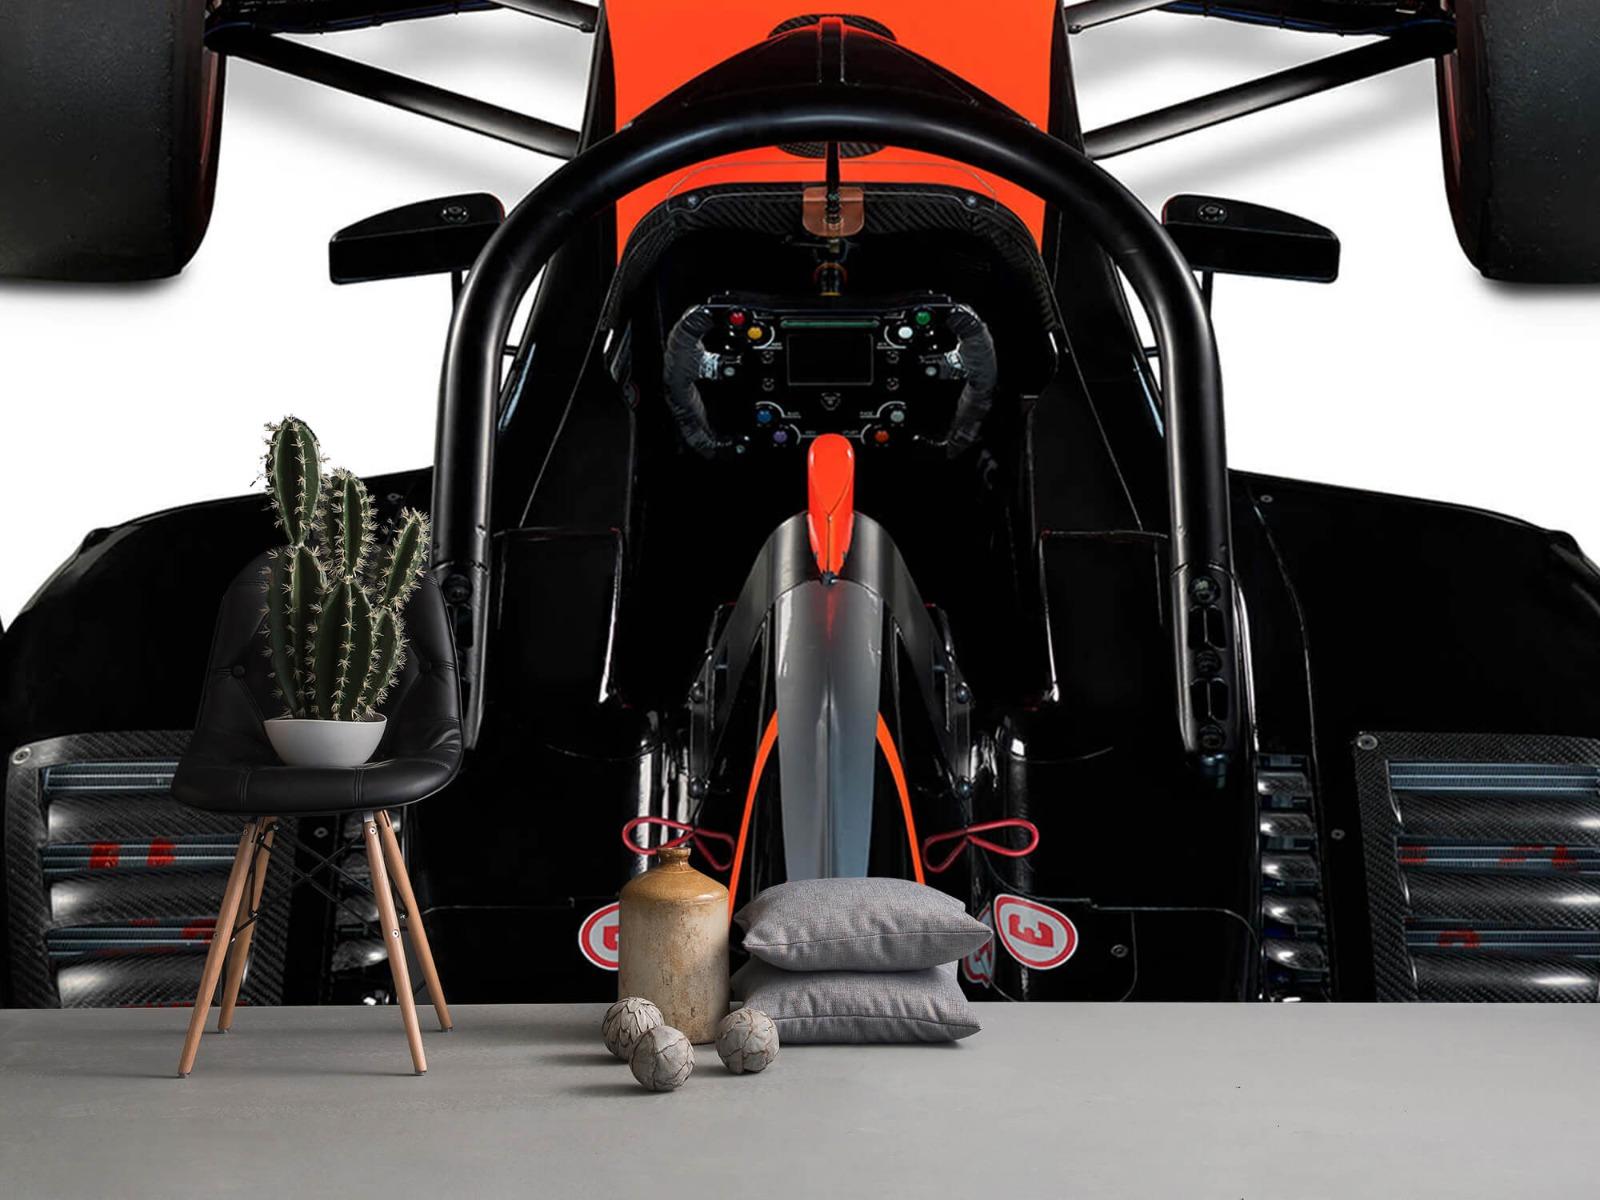 Sportauto's - Formule 3 - Cockpit view - Computerruimte 13